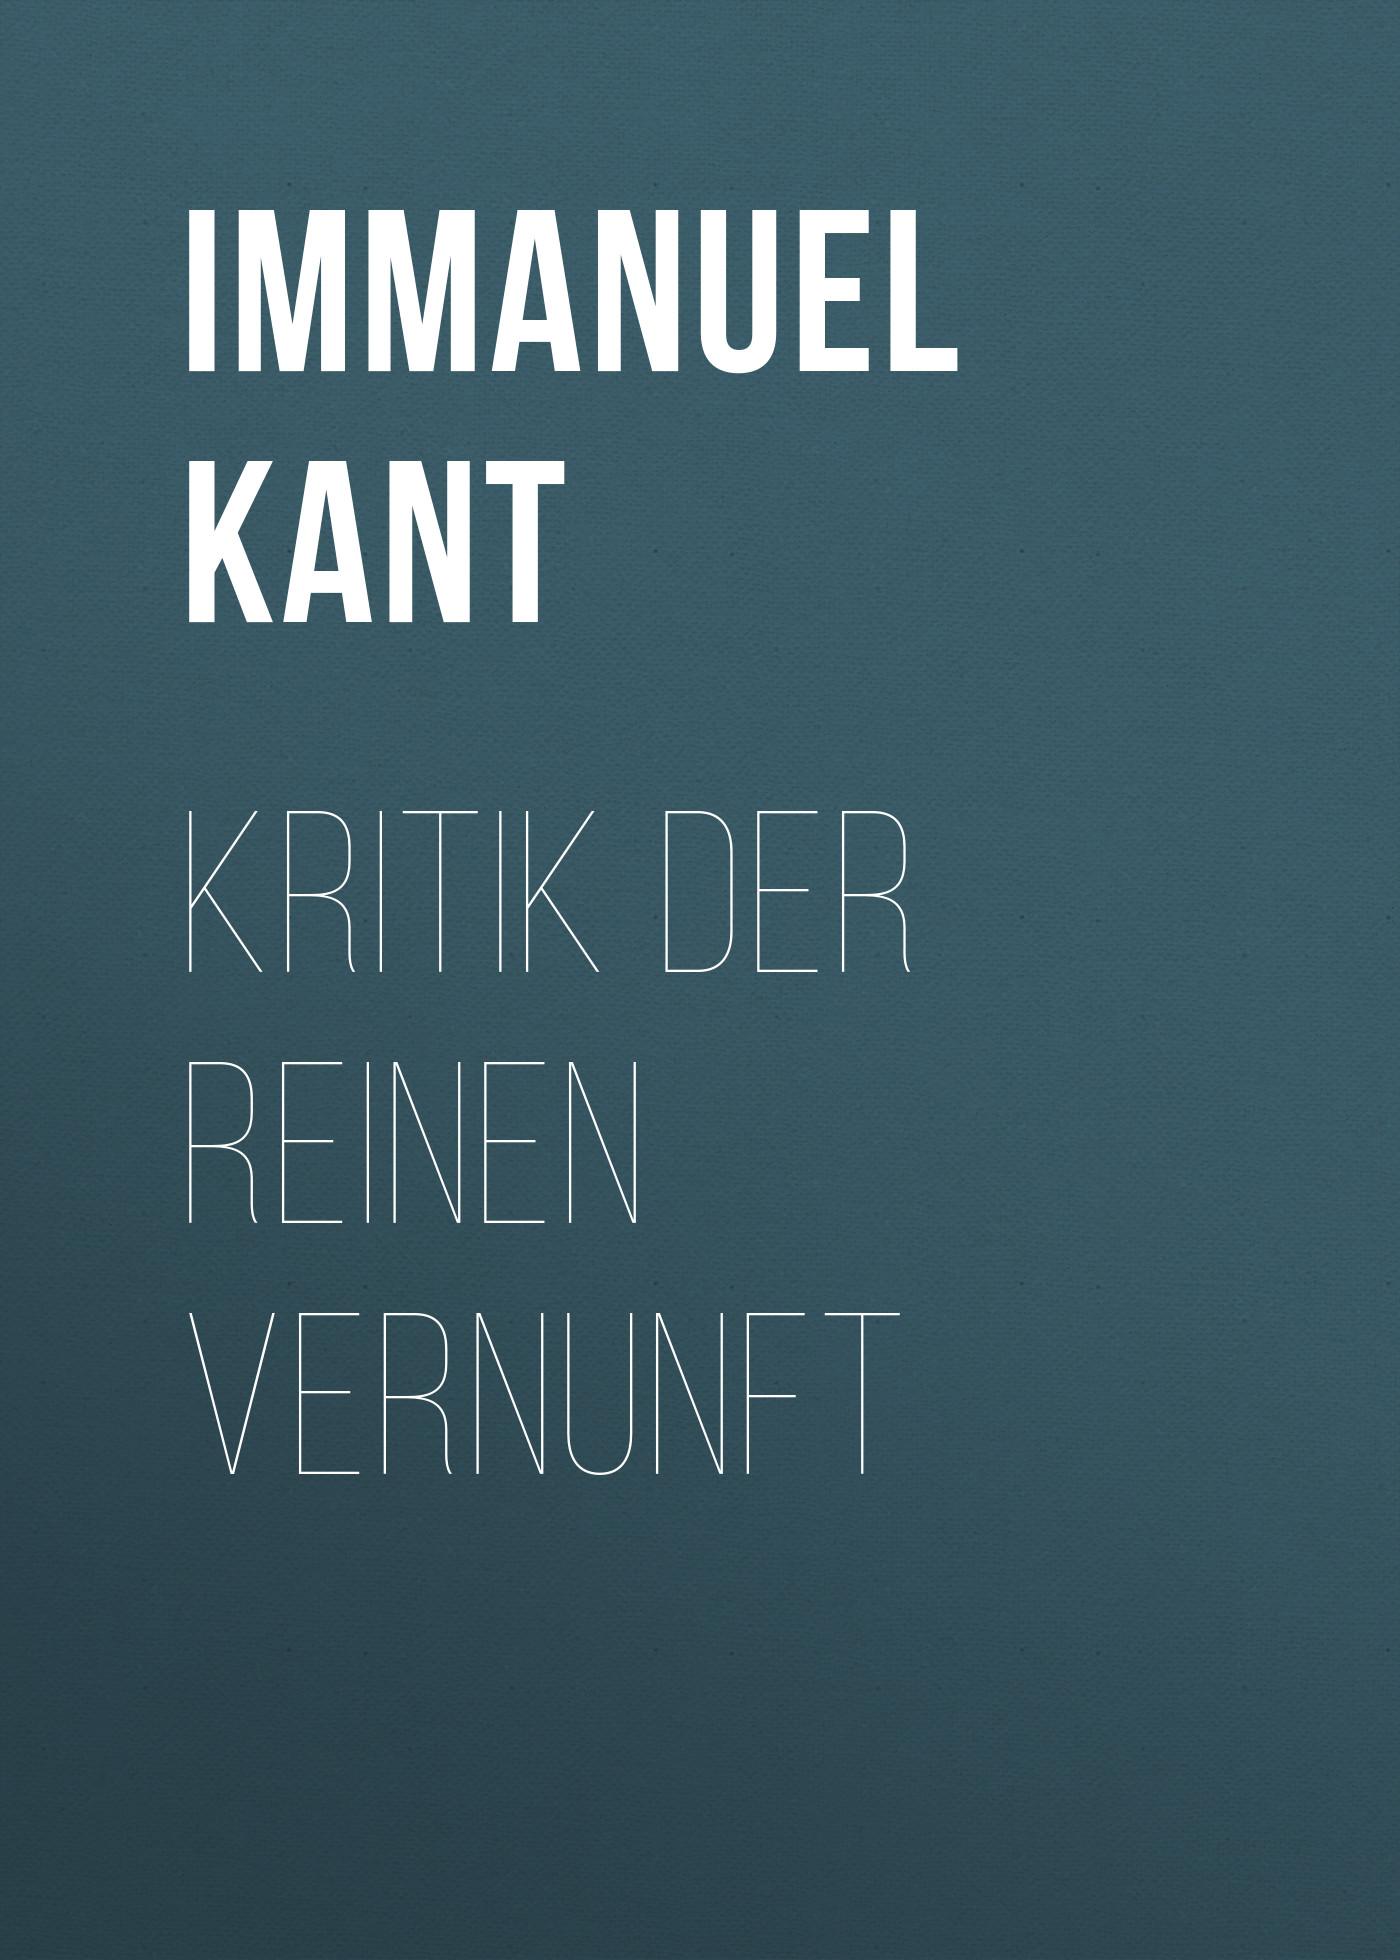 Immanuel Kant Kritik der reinen Vernunft цена